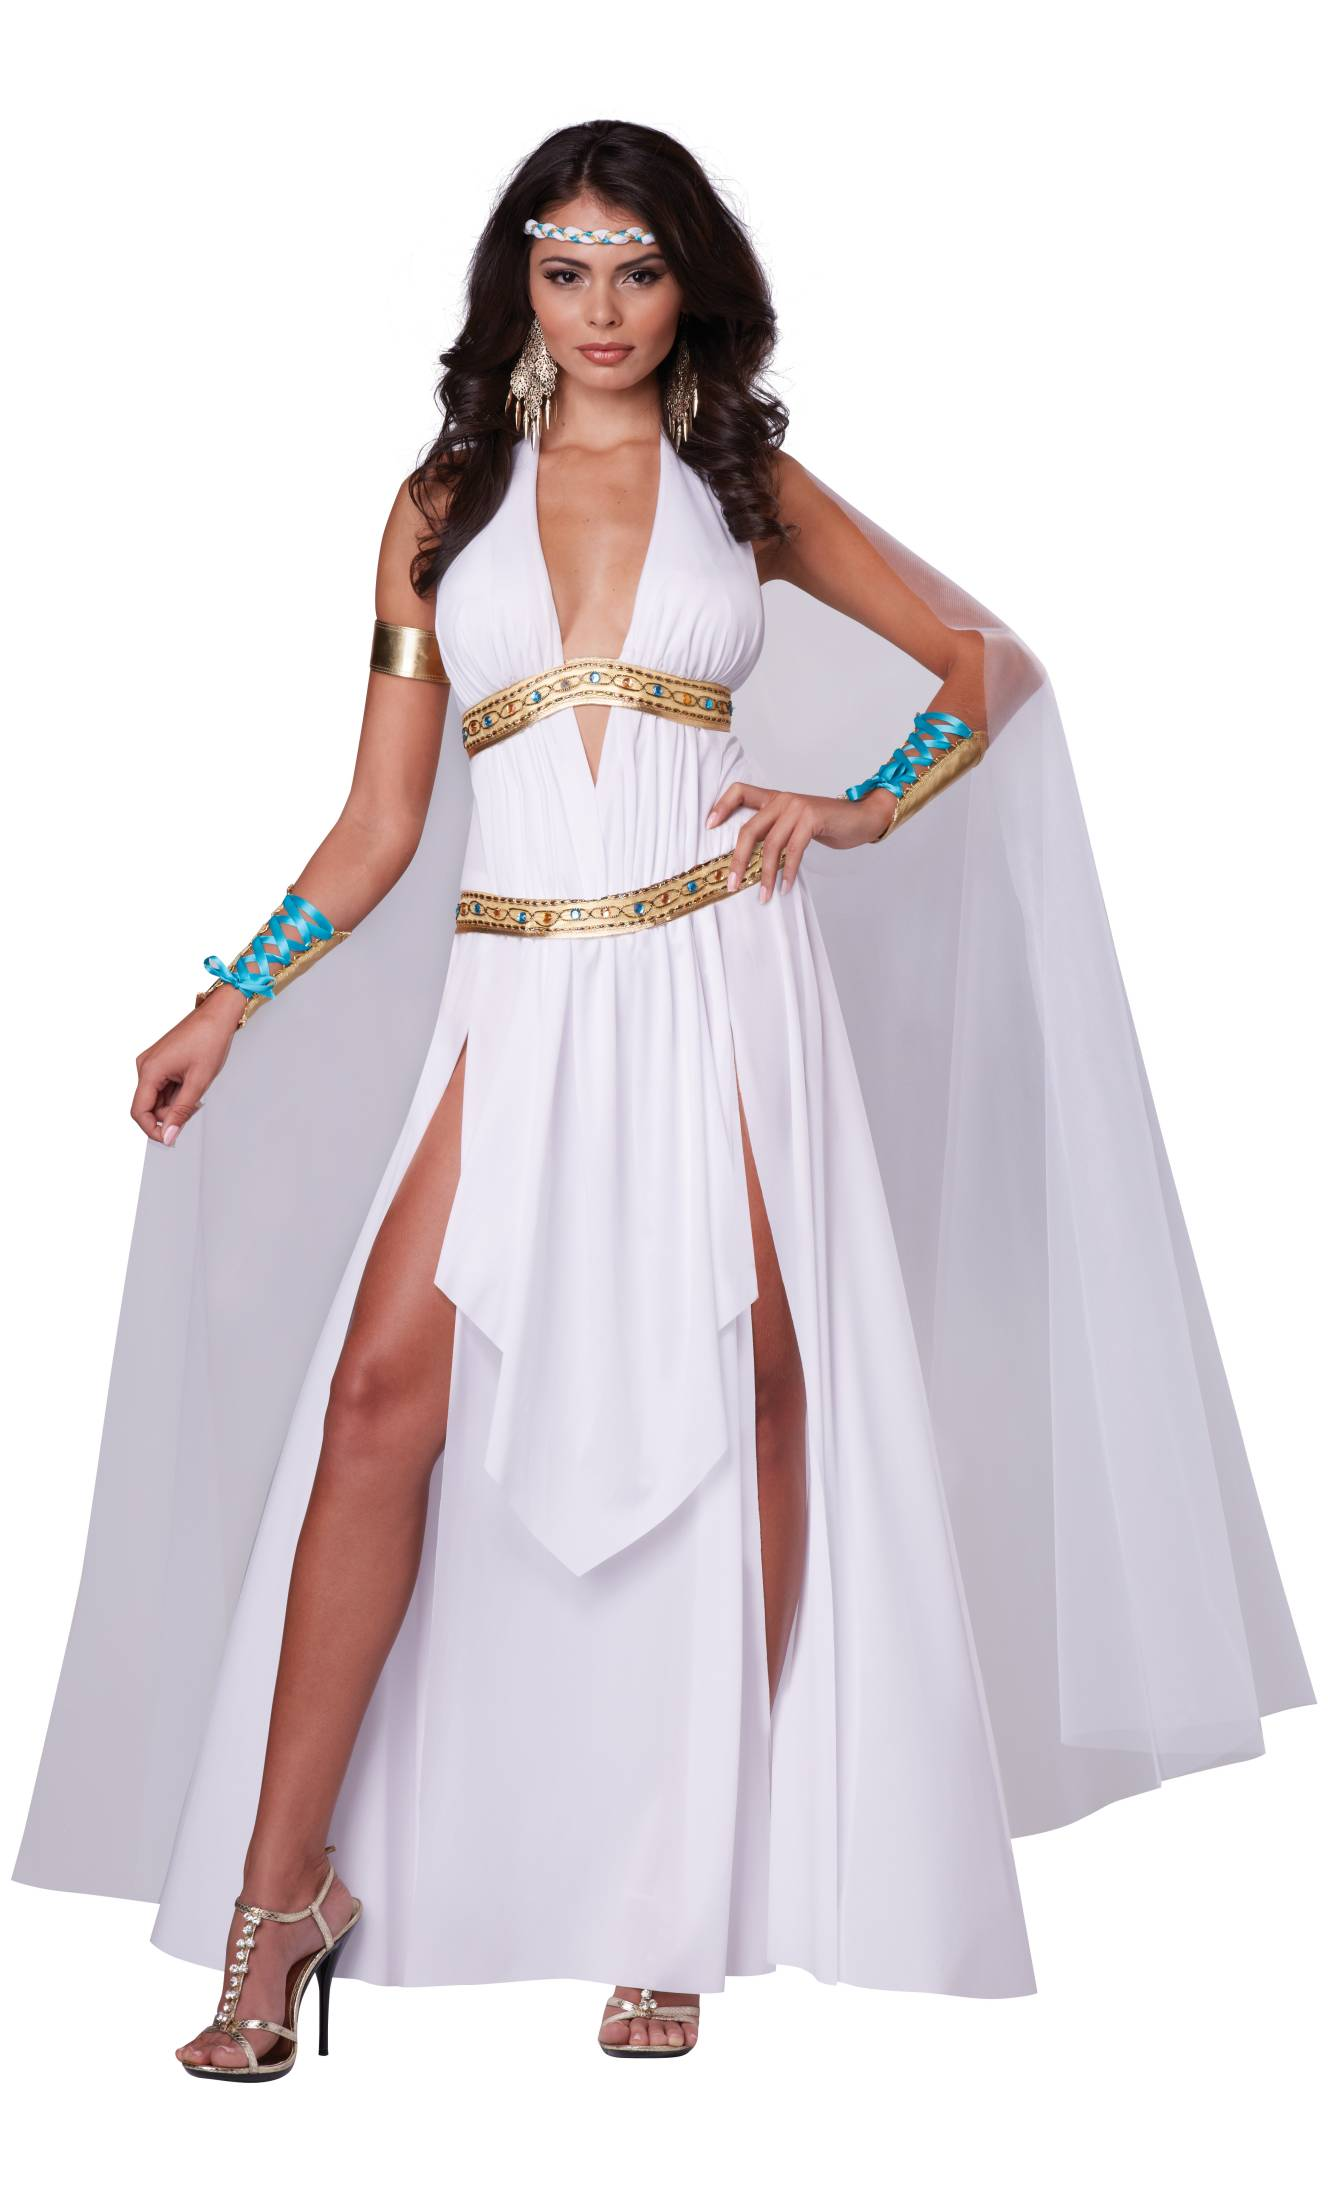 Déguisement-Déesse-Athéna-Aphrodite